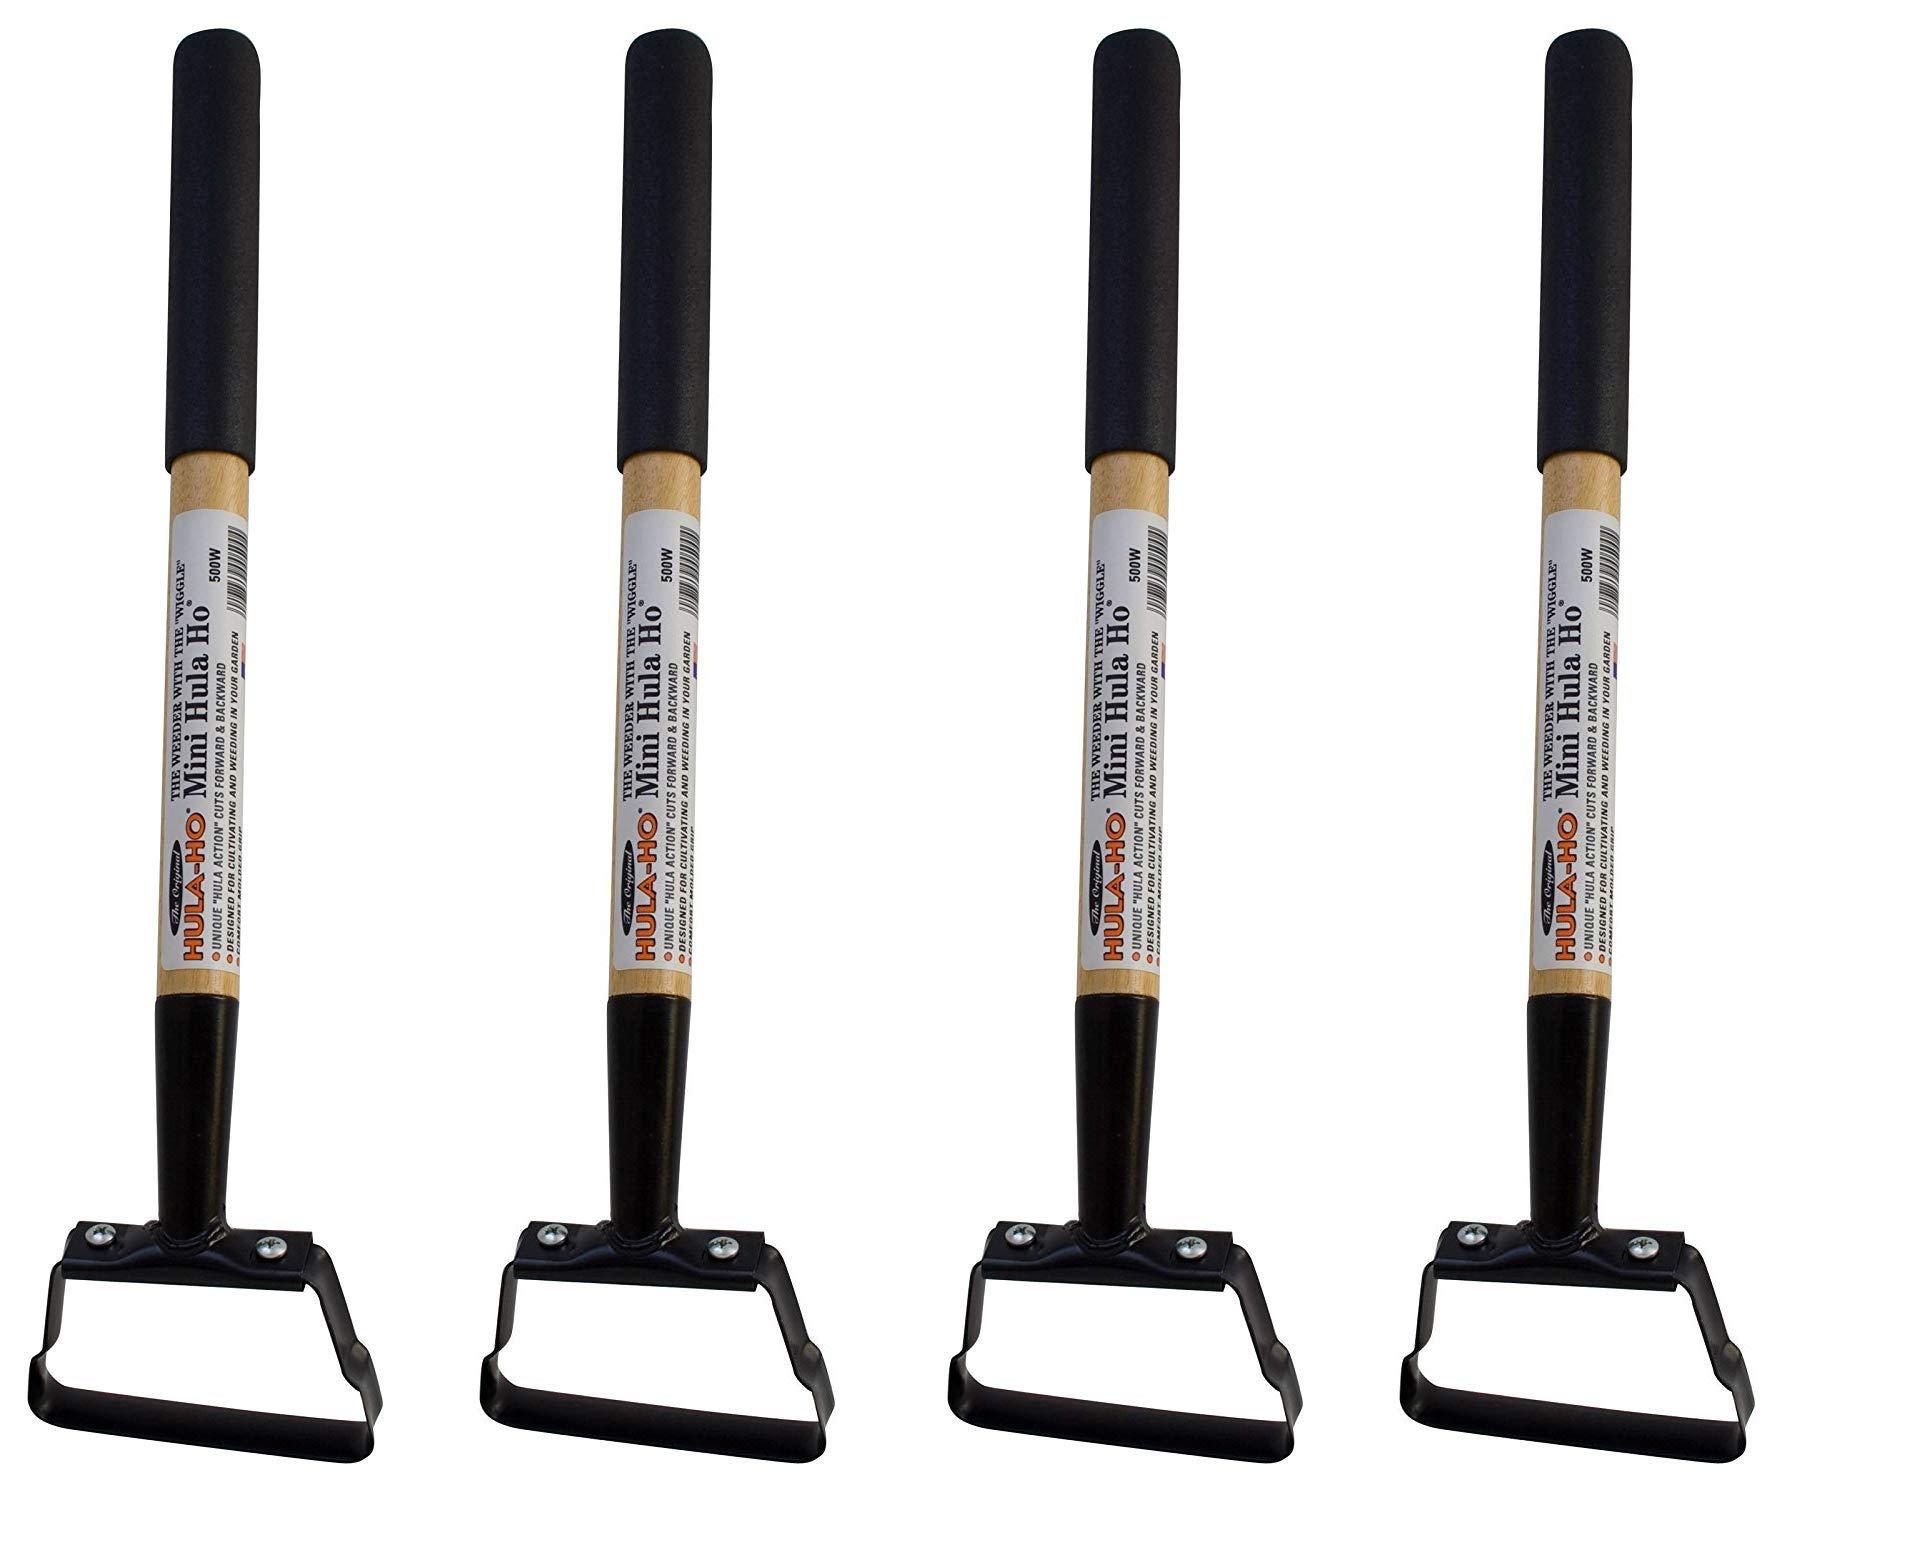 Flexrake 500W Hula-Ho Mini Hula-Ho with 14-Inch Wood Handle (4-Pack)